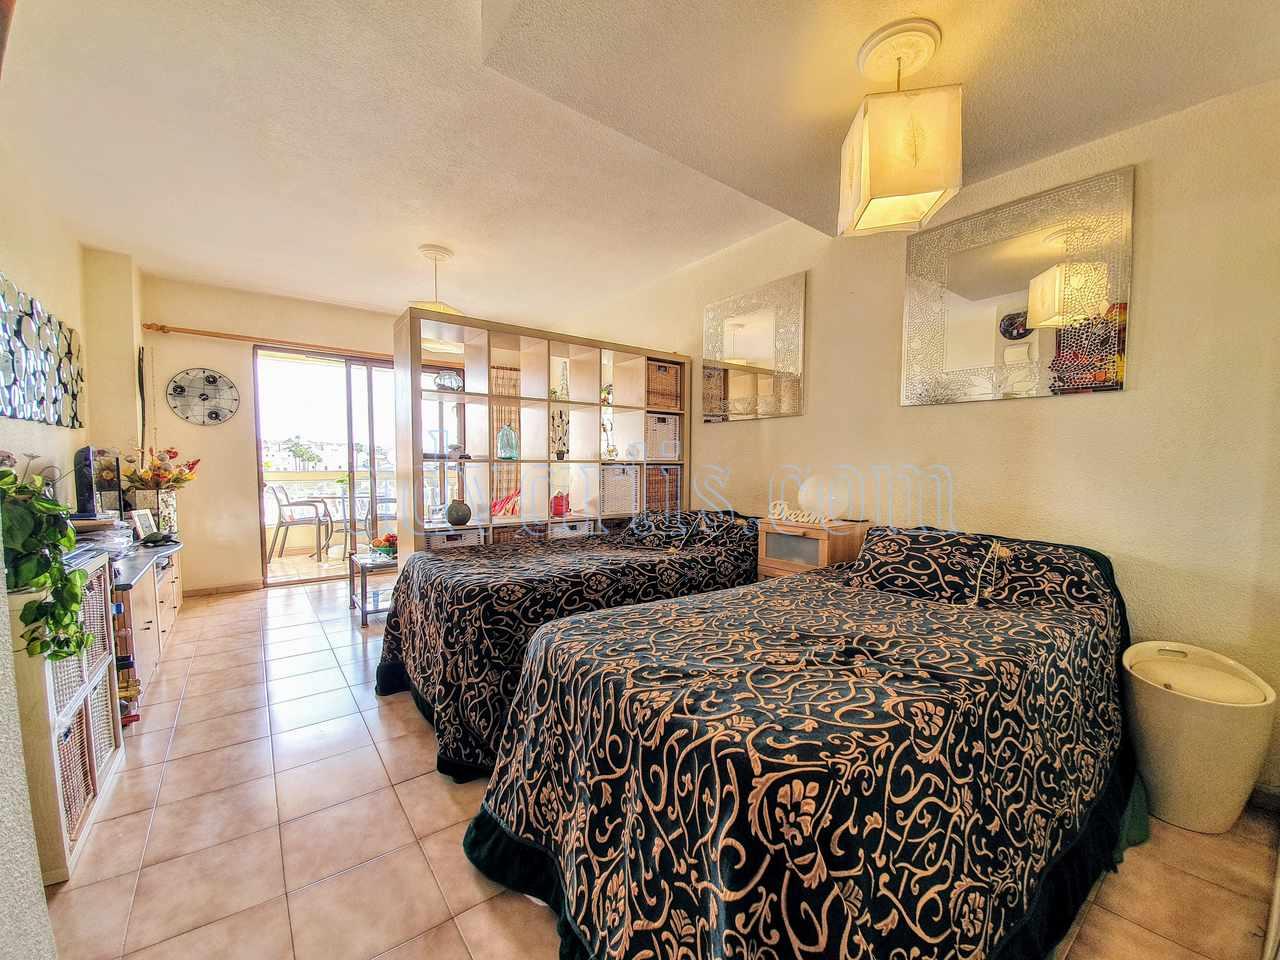 Studio apartment for sale in Los Cristianos, Tenerife €139.950